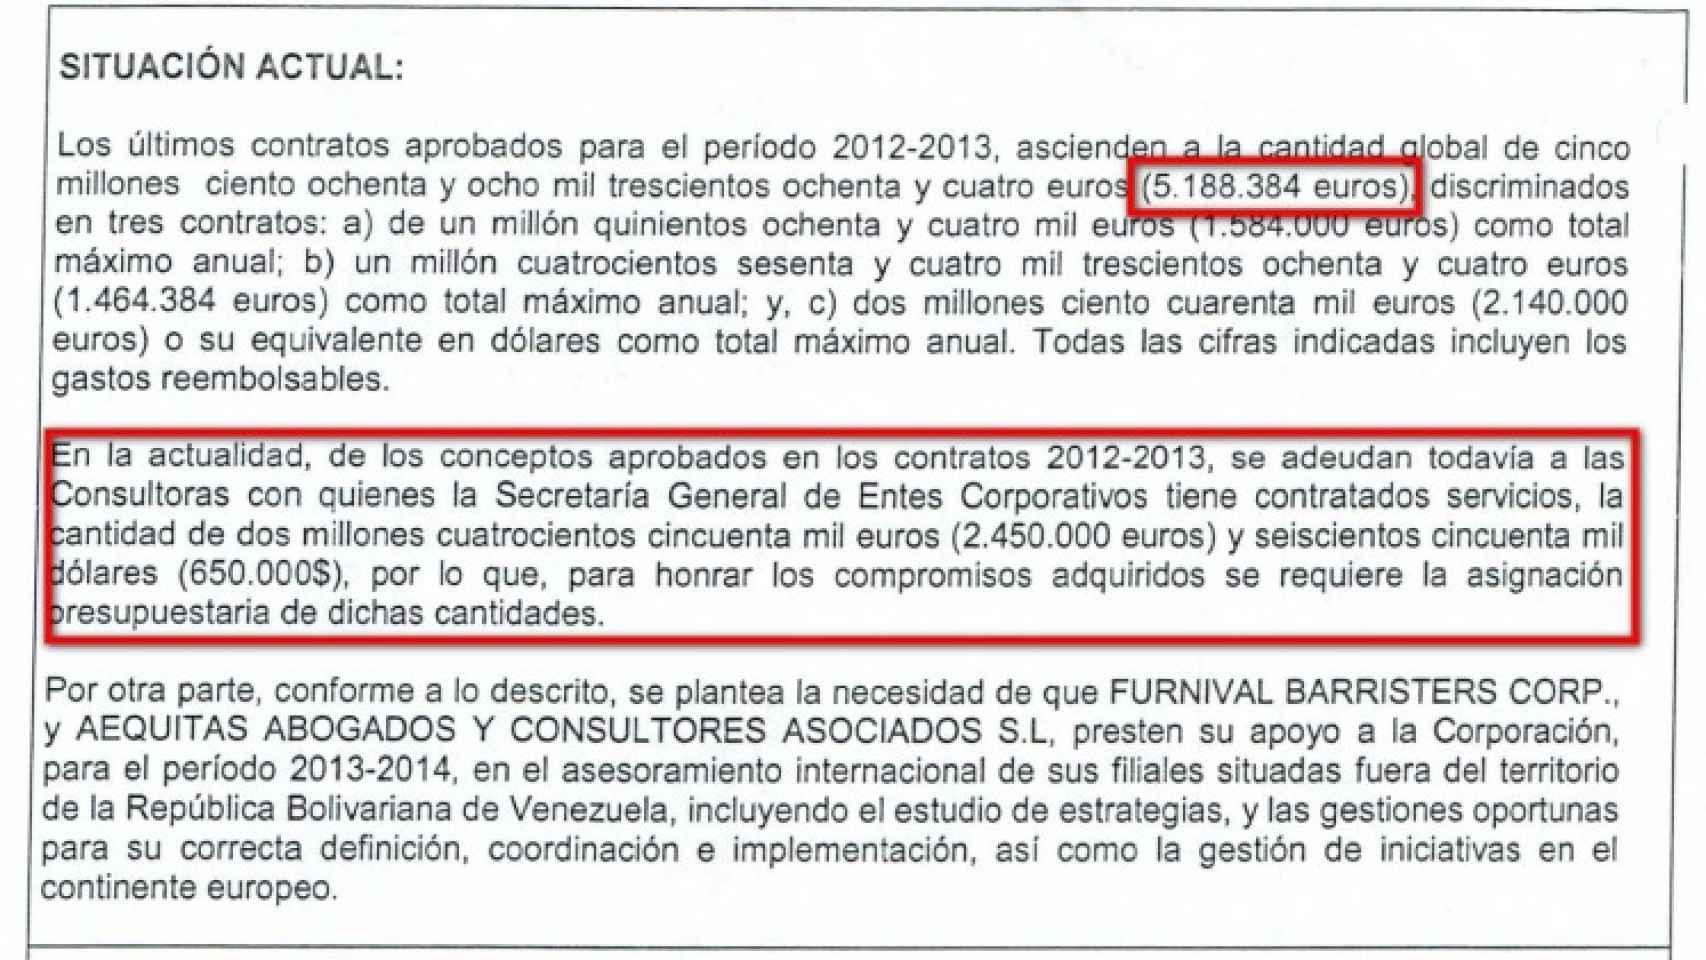 Extracto del contrato firmado entre Pedevesa y las sociedades investigadas.